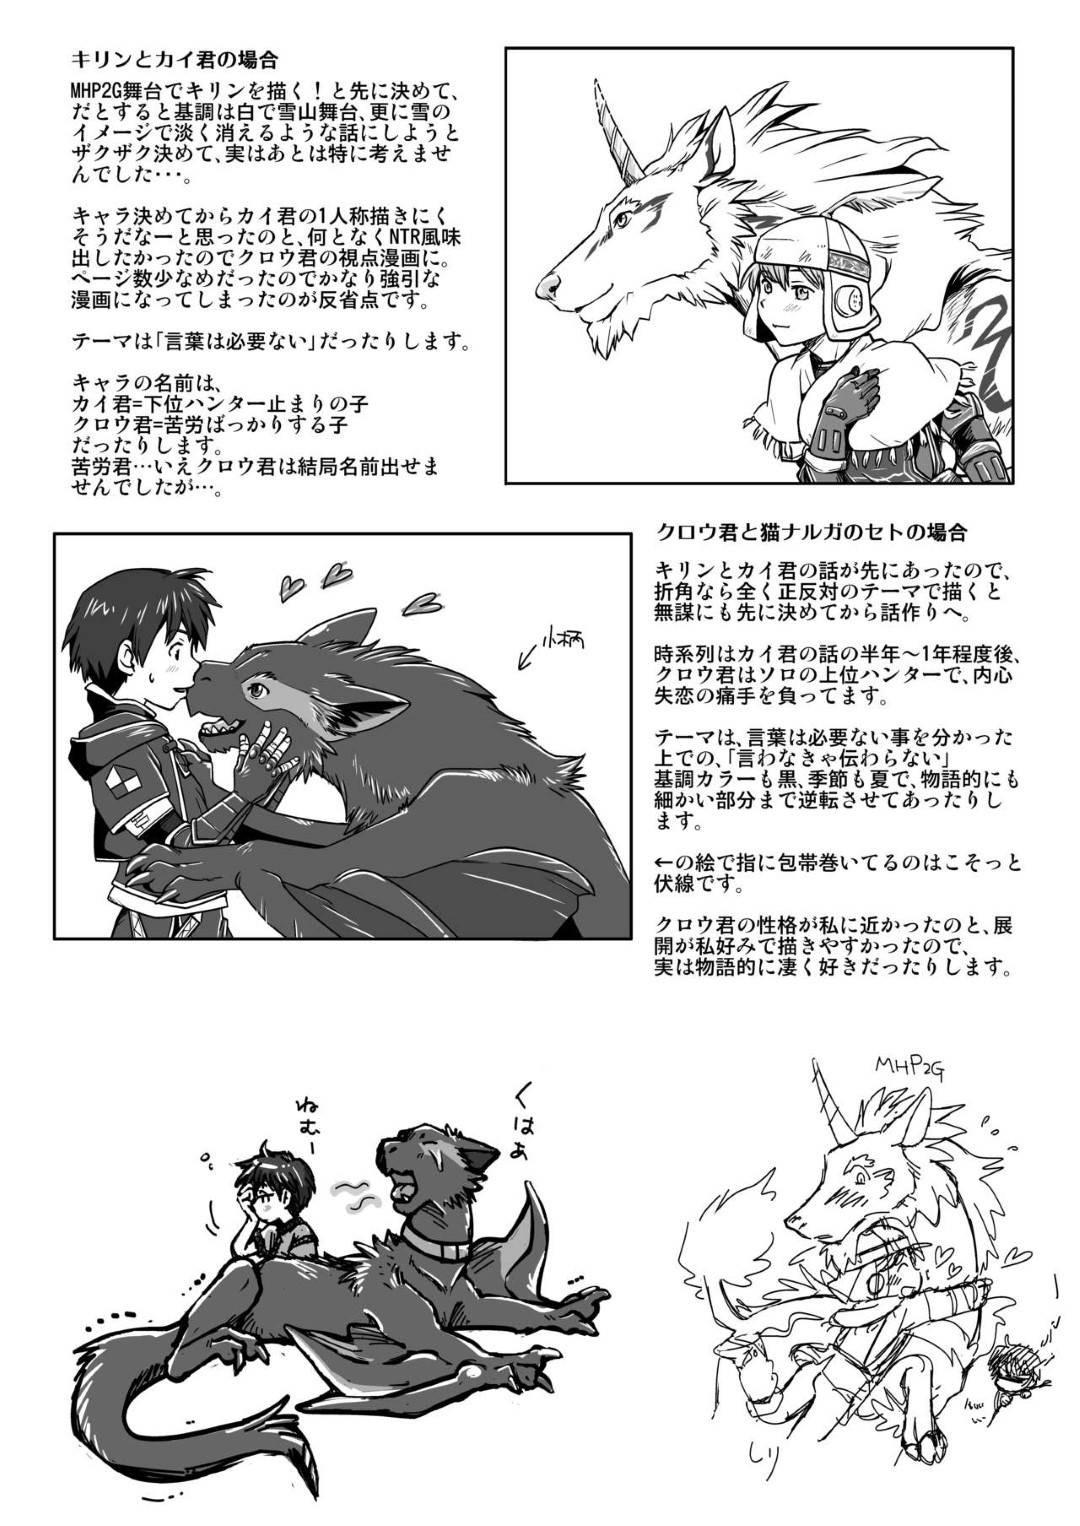 【モンハンエロ漫画】村を守るために毎日のように麒麟討伐をするハンター達。ある日主人公が麒麟と少年が獣姦しているのを目撃する。少年と麒麟はどこかへ去ってしまったが、主人公もまたモンスターとセックスする悦びを知るようになっていく。【倉子倉次】